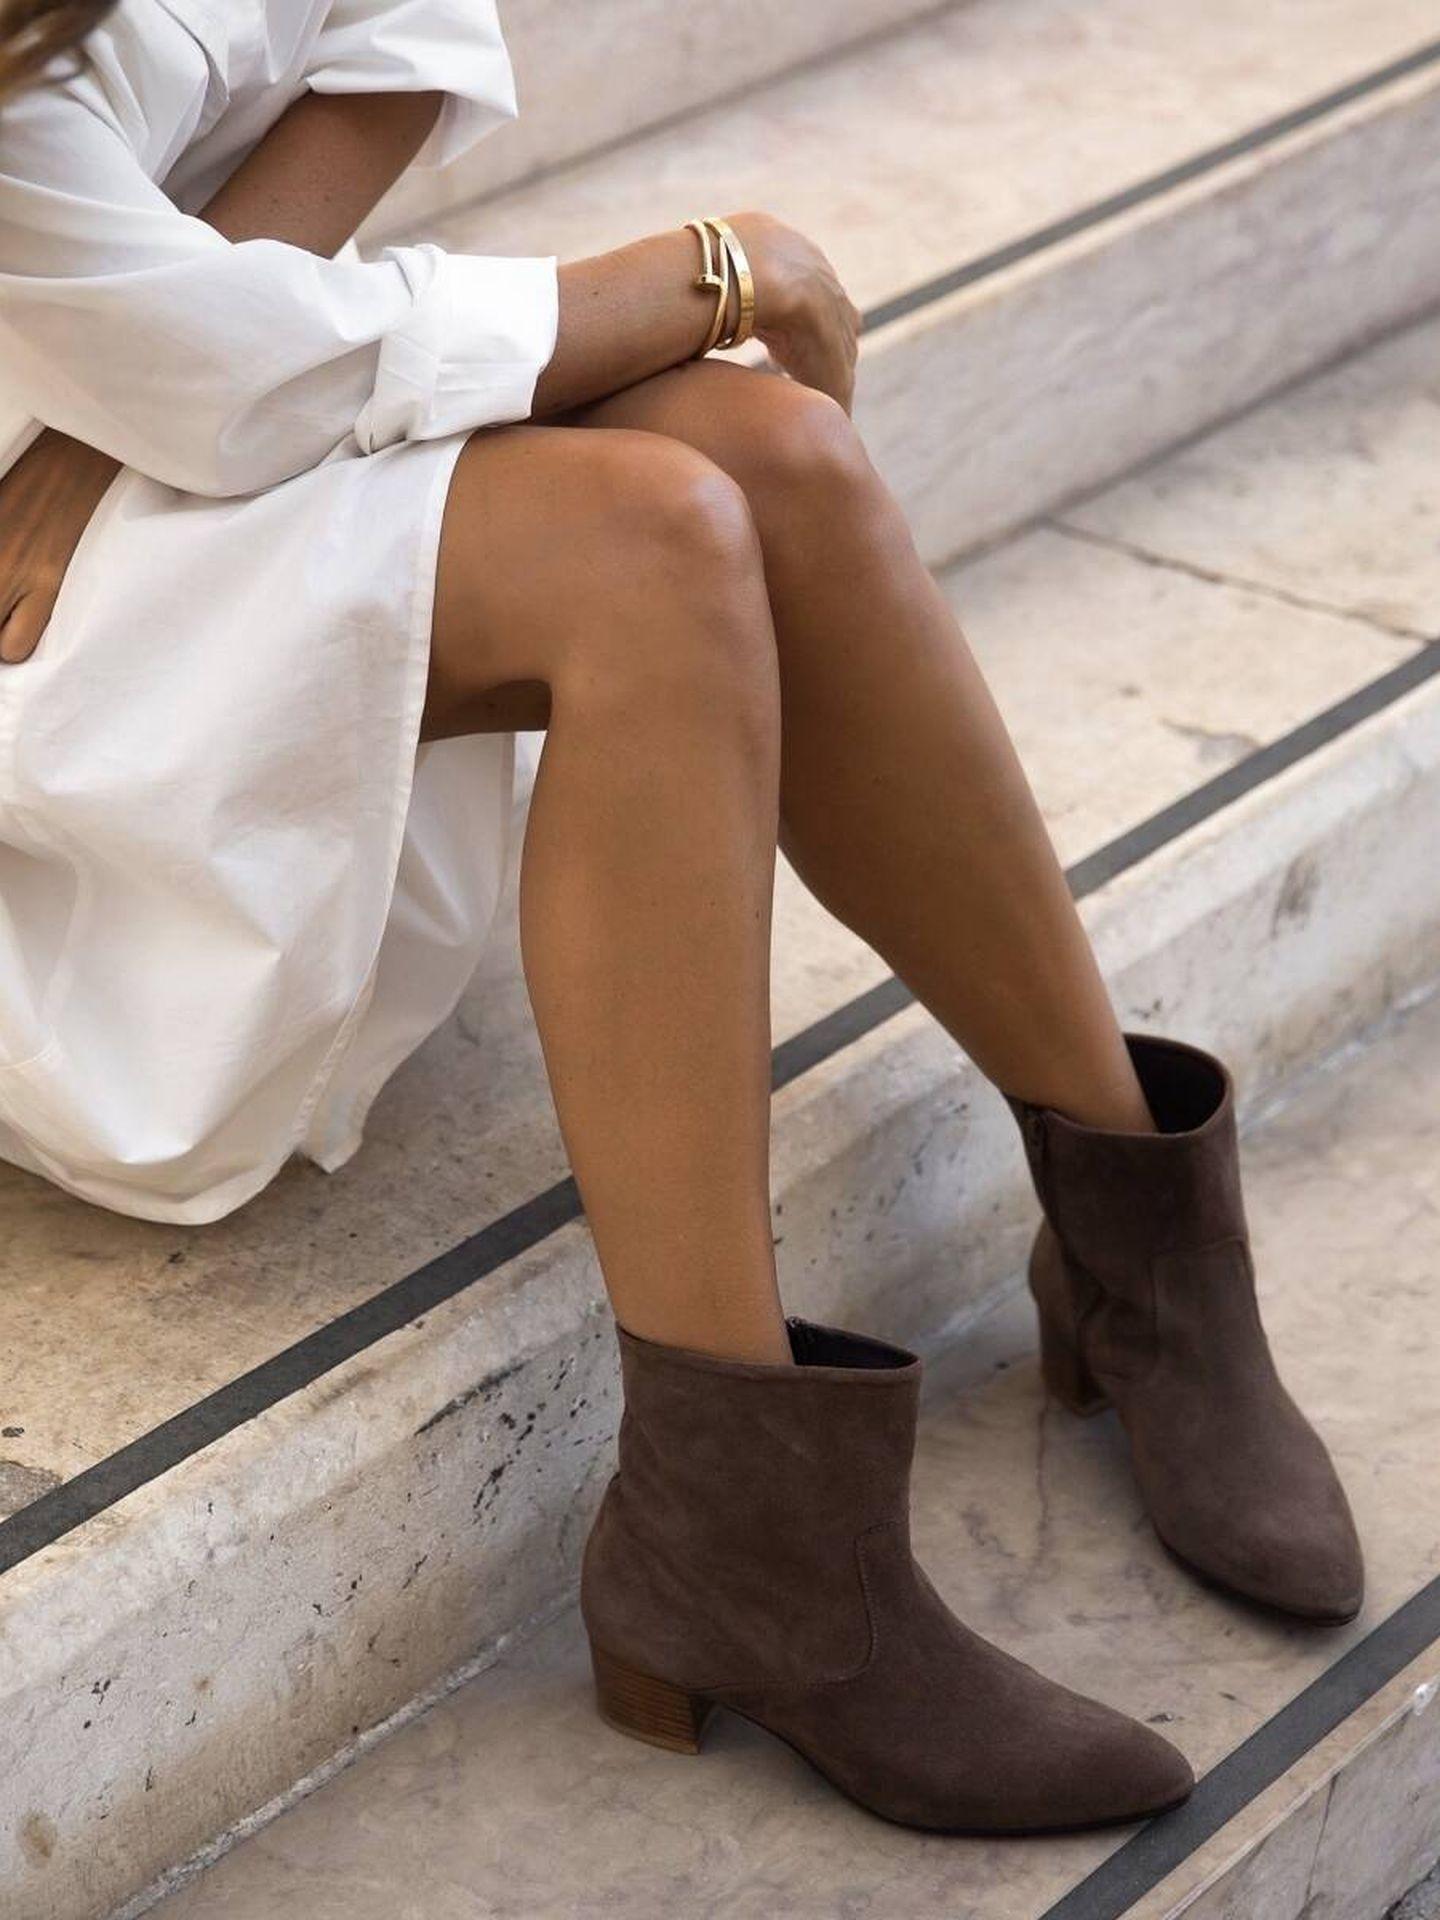 Los botines de It Shoes que lleva Paula Echevarría. (Cortesía)